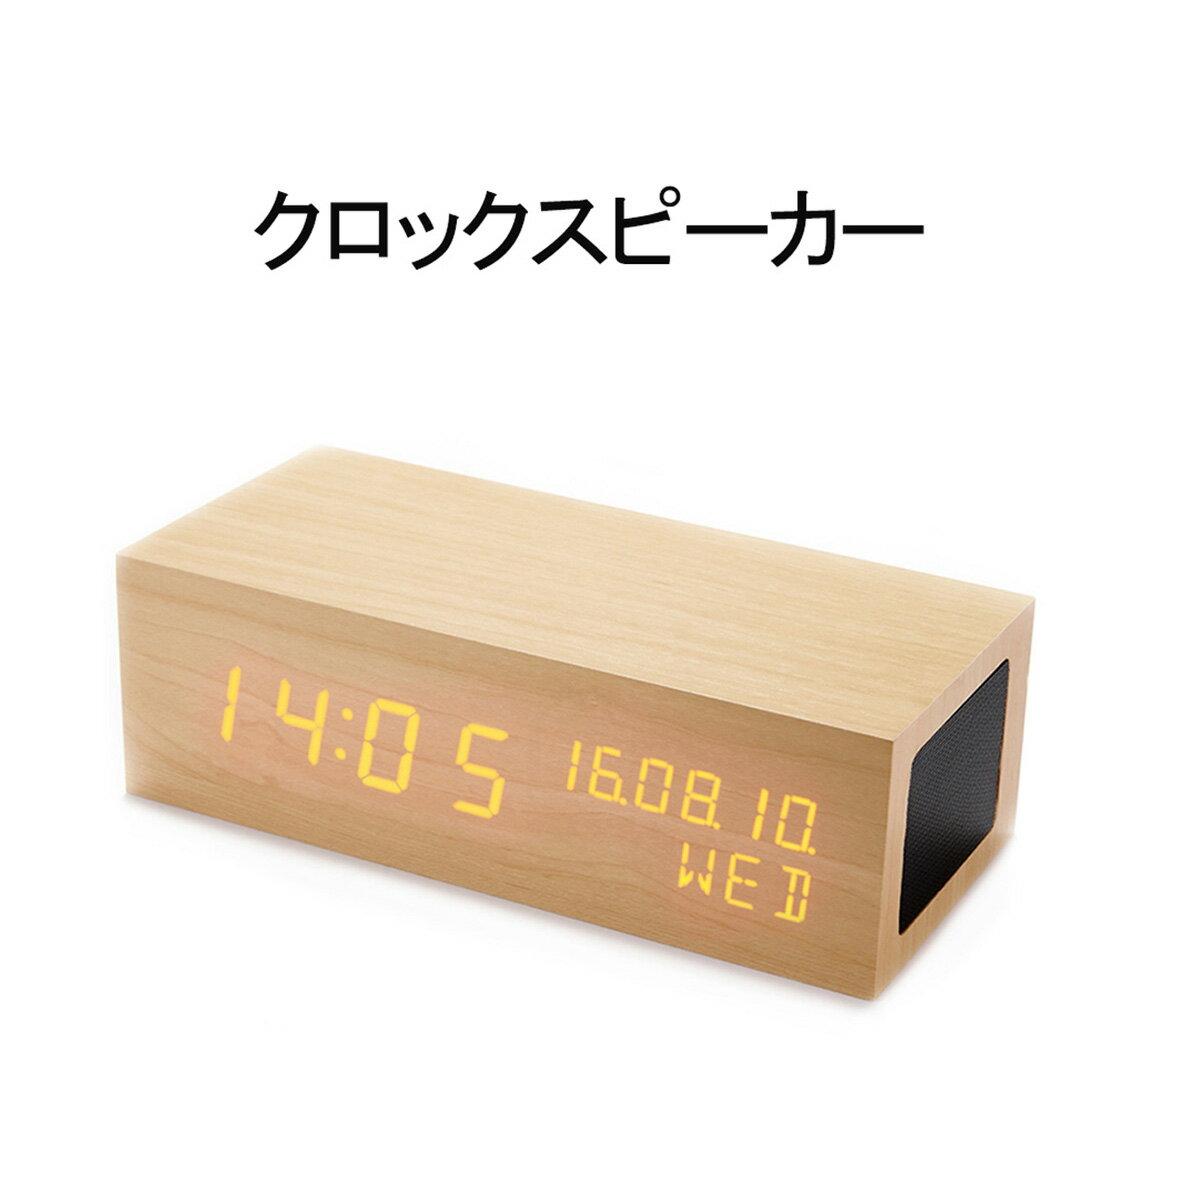 デジタル置き時計 Bluetooth スピーカー 付き スピーカー パソコン LED目覚まし時計 置き時計 木目 アラーム USB給電 Bluetooth ワイヤレス スピーカー搭載 音楽を聞く ハンズフリー通話 メール便配送不可